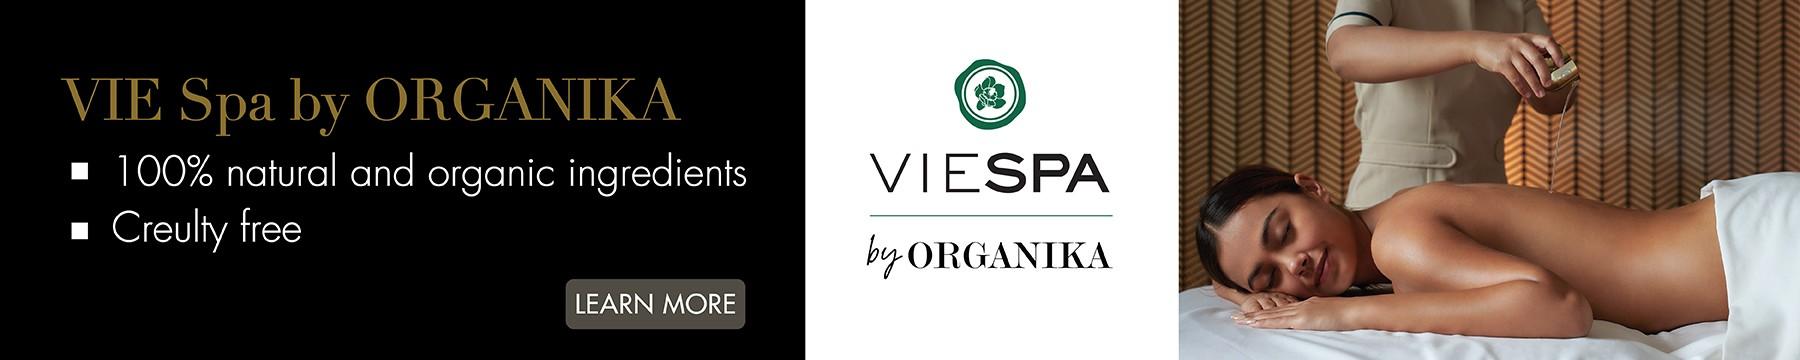 VIE Spa by ORGANIKA